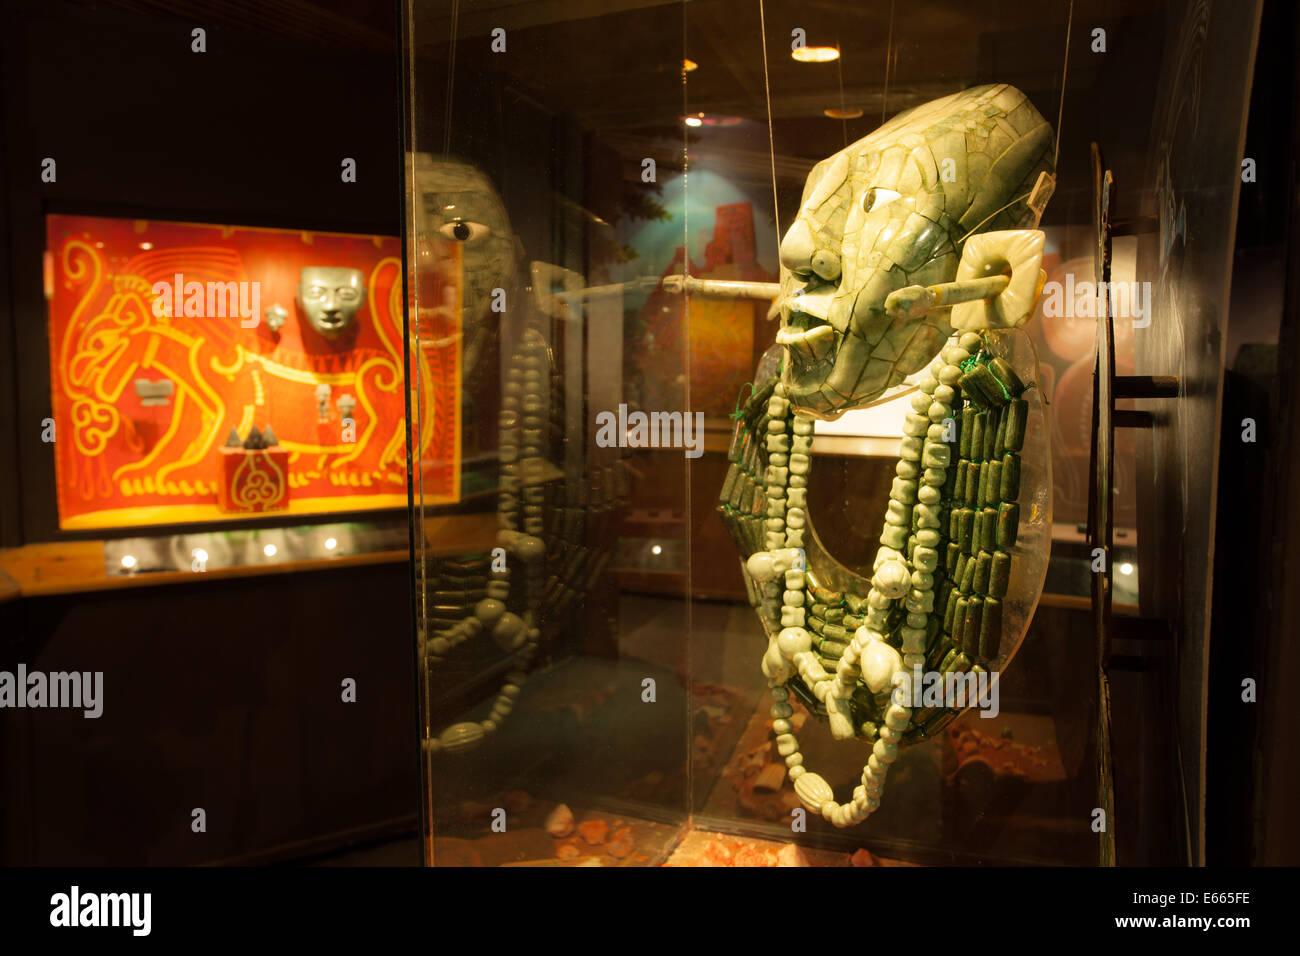 Jade mask in the Jade Museum in San Cristobal de las Casas, Chiapas, Mexico. - Stock Image